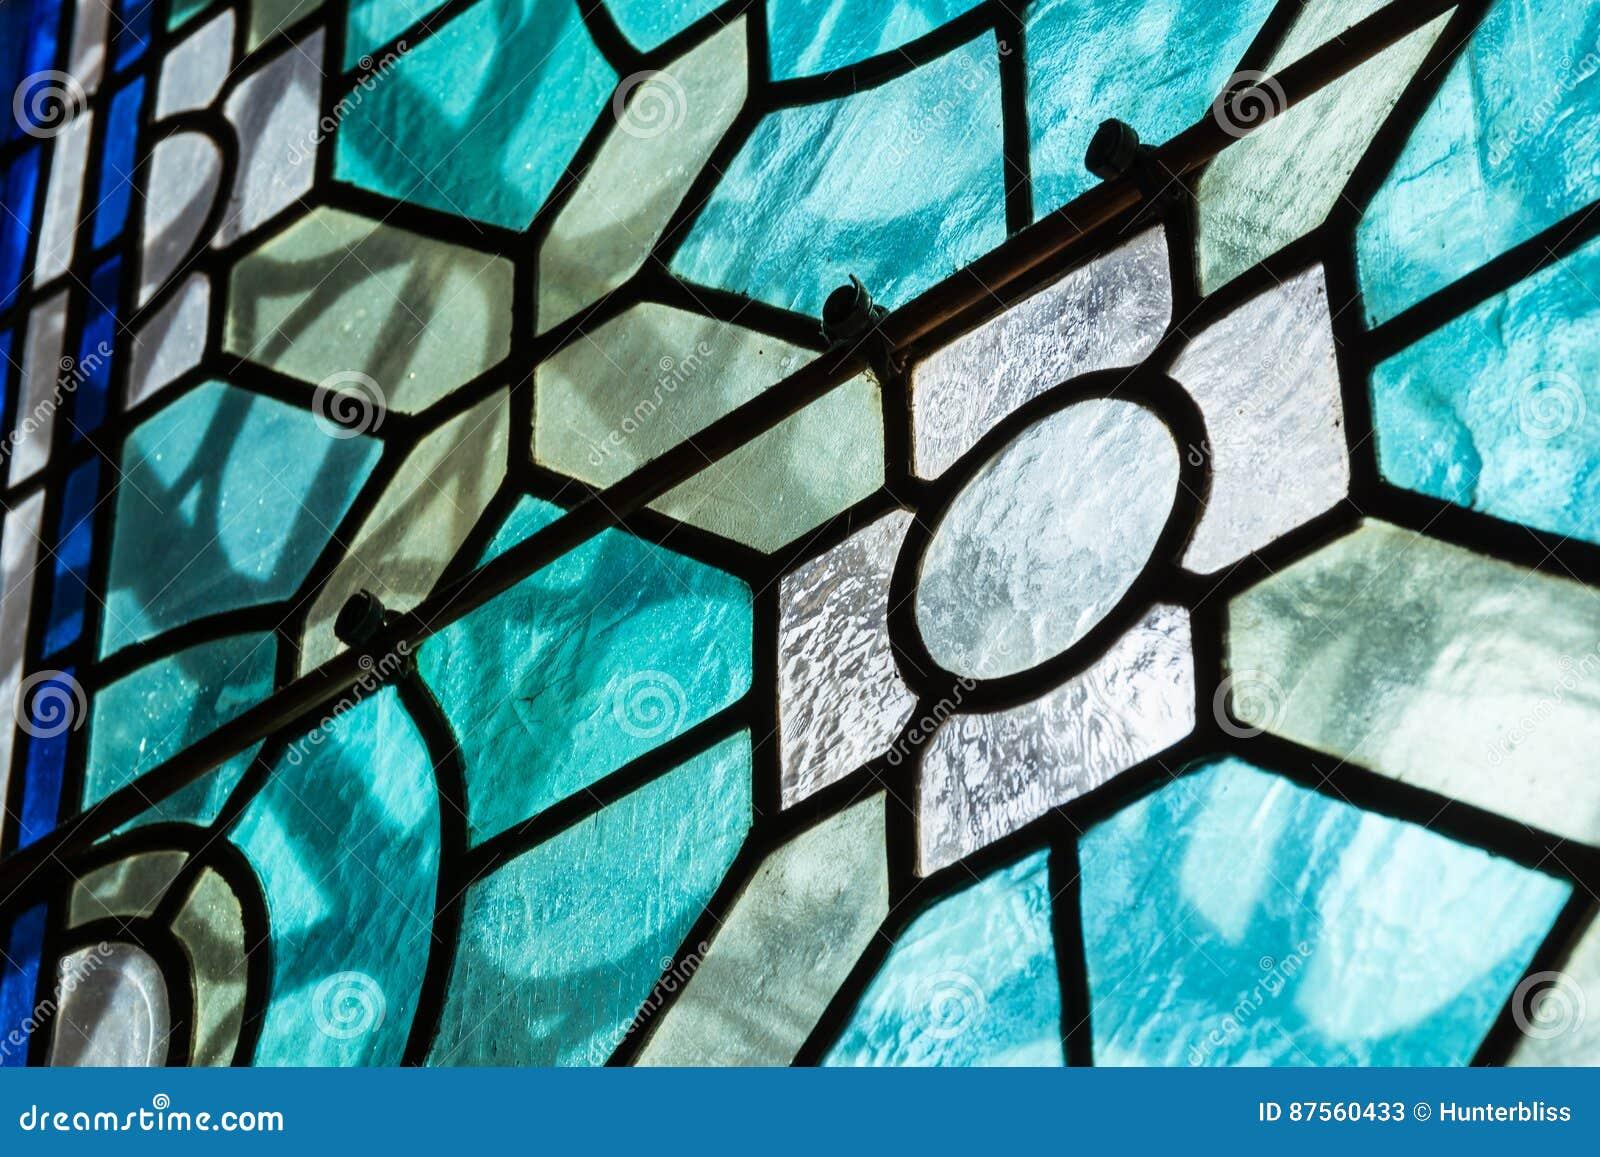 För målat glassCloseupklosterbroder för kyrka kontrast Te för svart inomhus